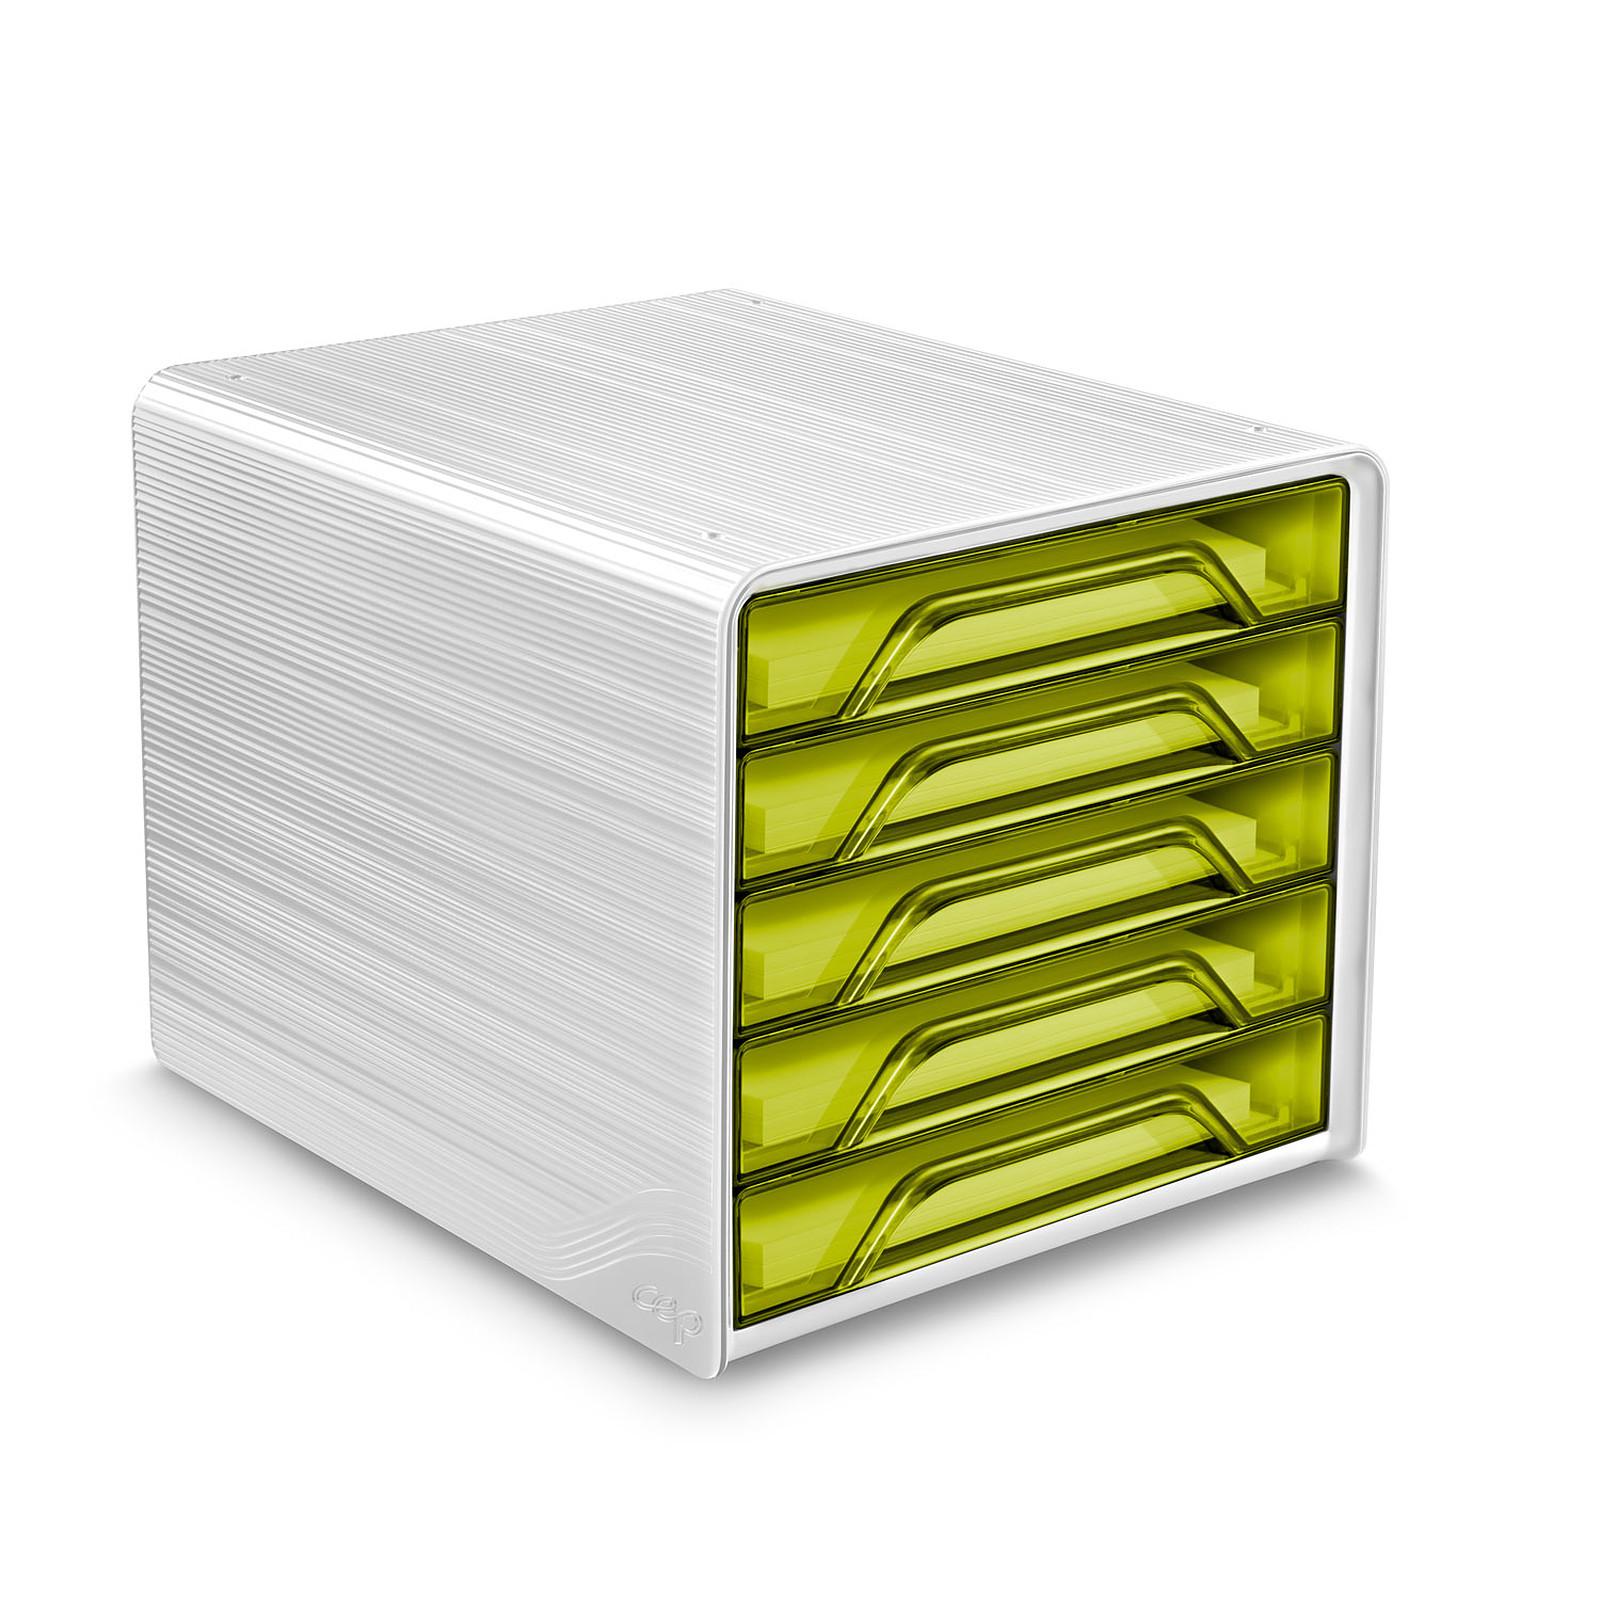 CEP Smoove Bloc de classement 5 tiroirs Vert Bambou